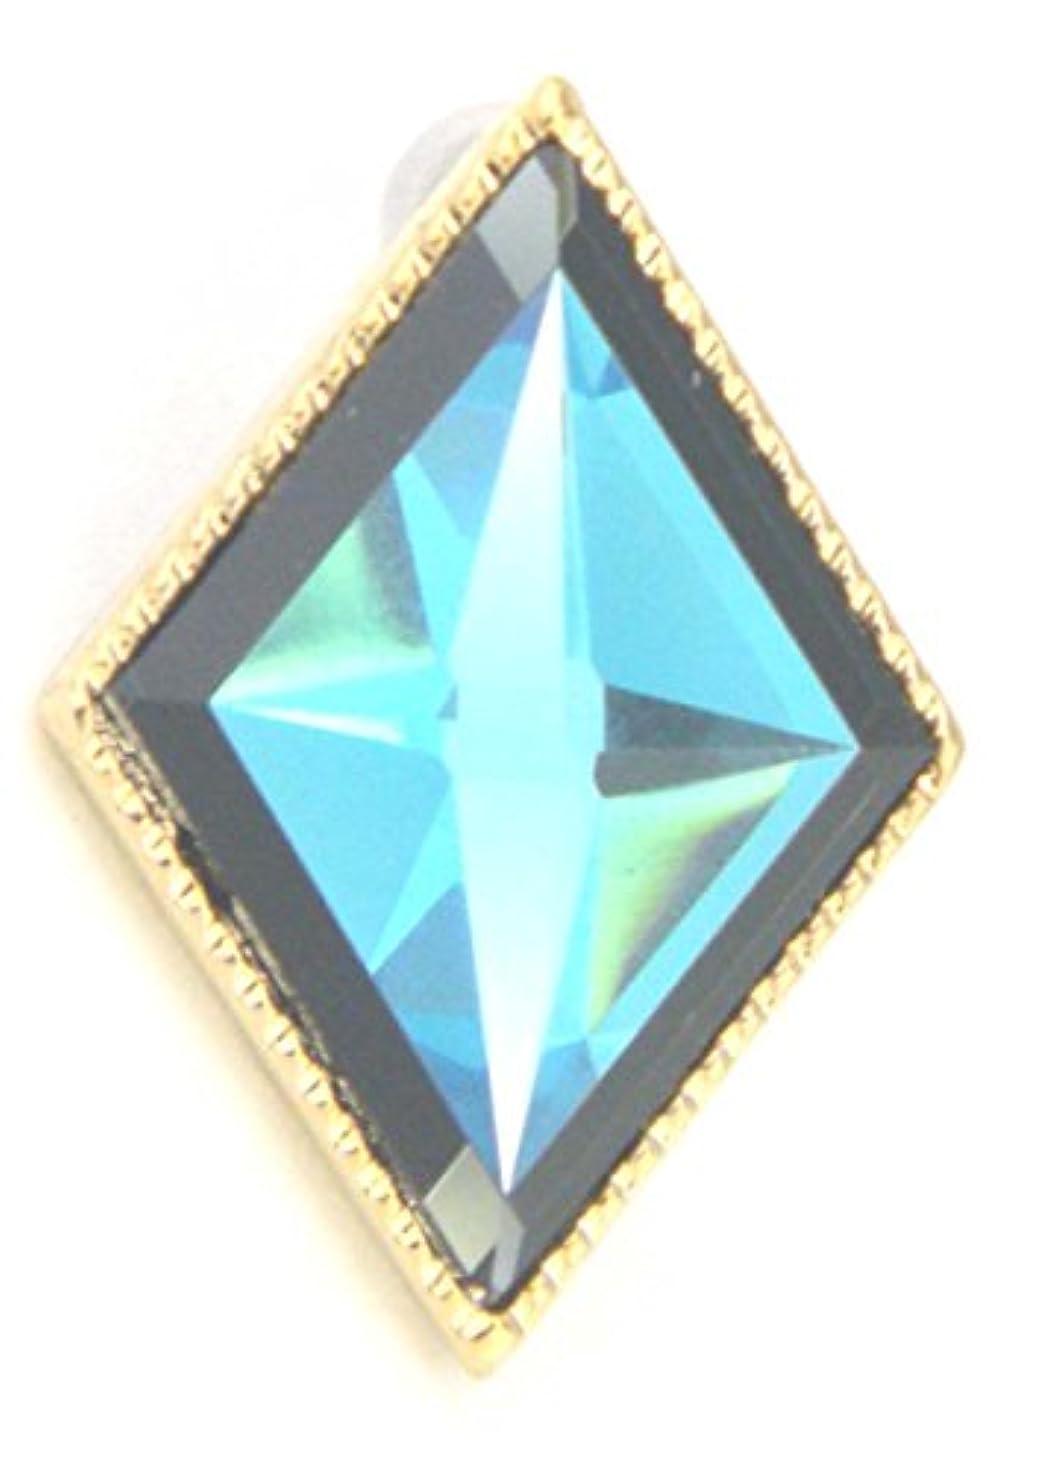 スキャンダラス大西洋注釈を付けるストーンピアス ダイヤ型四角片耳エメラルドブルー/男女兼用ヒップホップ 黒人ファッション